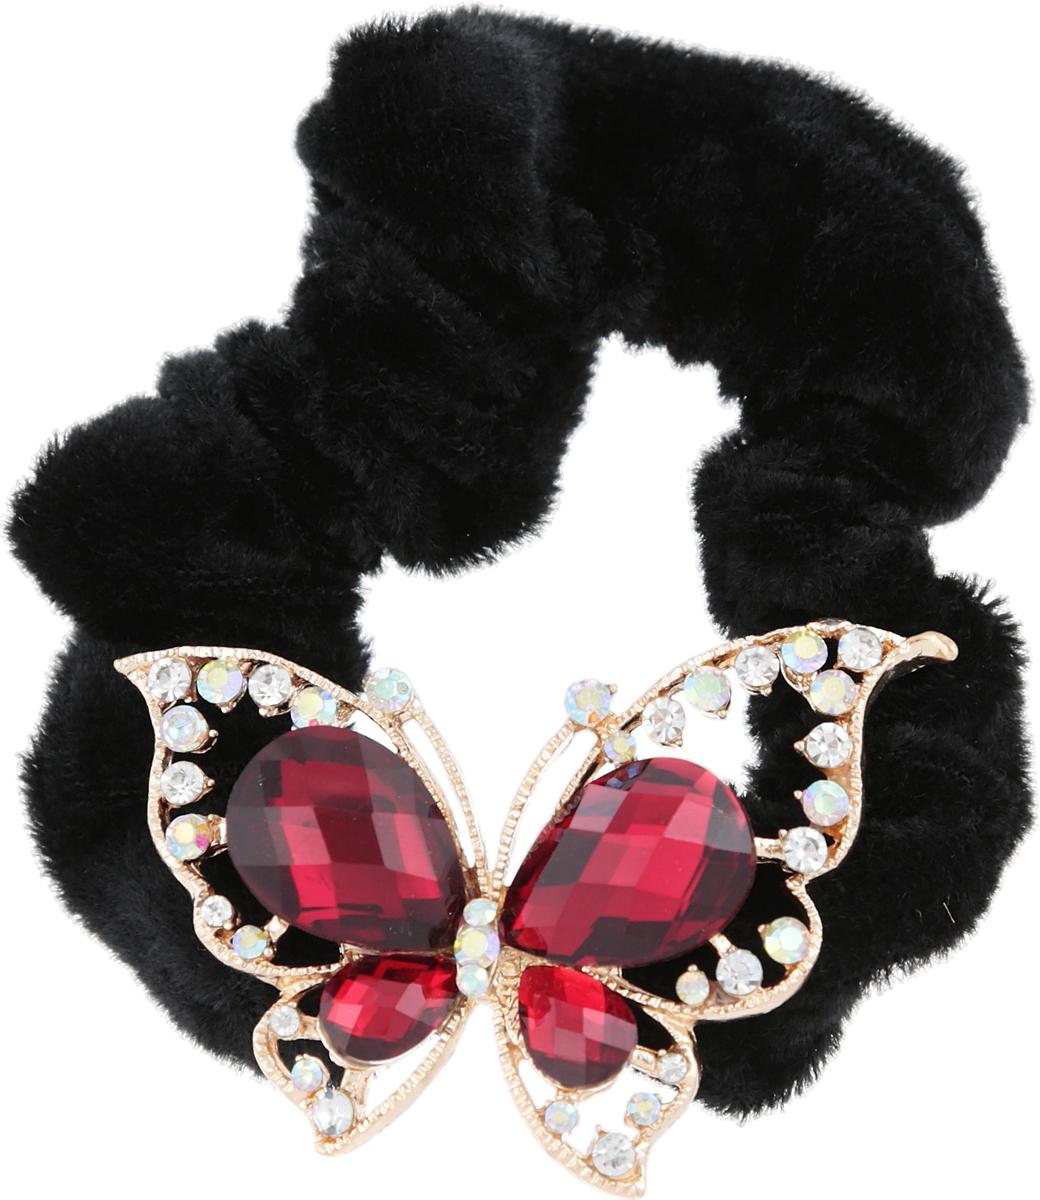 Резинка для волос от D.Mari. Велюр, кристаллы Aurora Borealis, кристаллы рубинового цвета, бижутерный сплав золотого тона. ГонконгFH33178Резинка для волос от D.Mari. Велюр, кристаллы Aurora Borealis, кристаллы рубинового цвета, бижутерный сплав золотого тона. Гонконг. Размер - резинка эластичная, подойдет на любой размер.